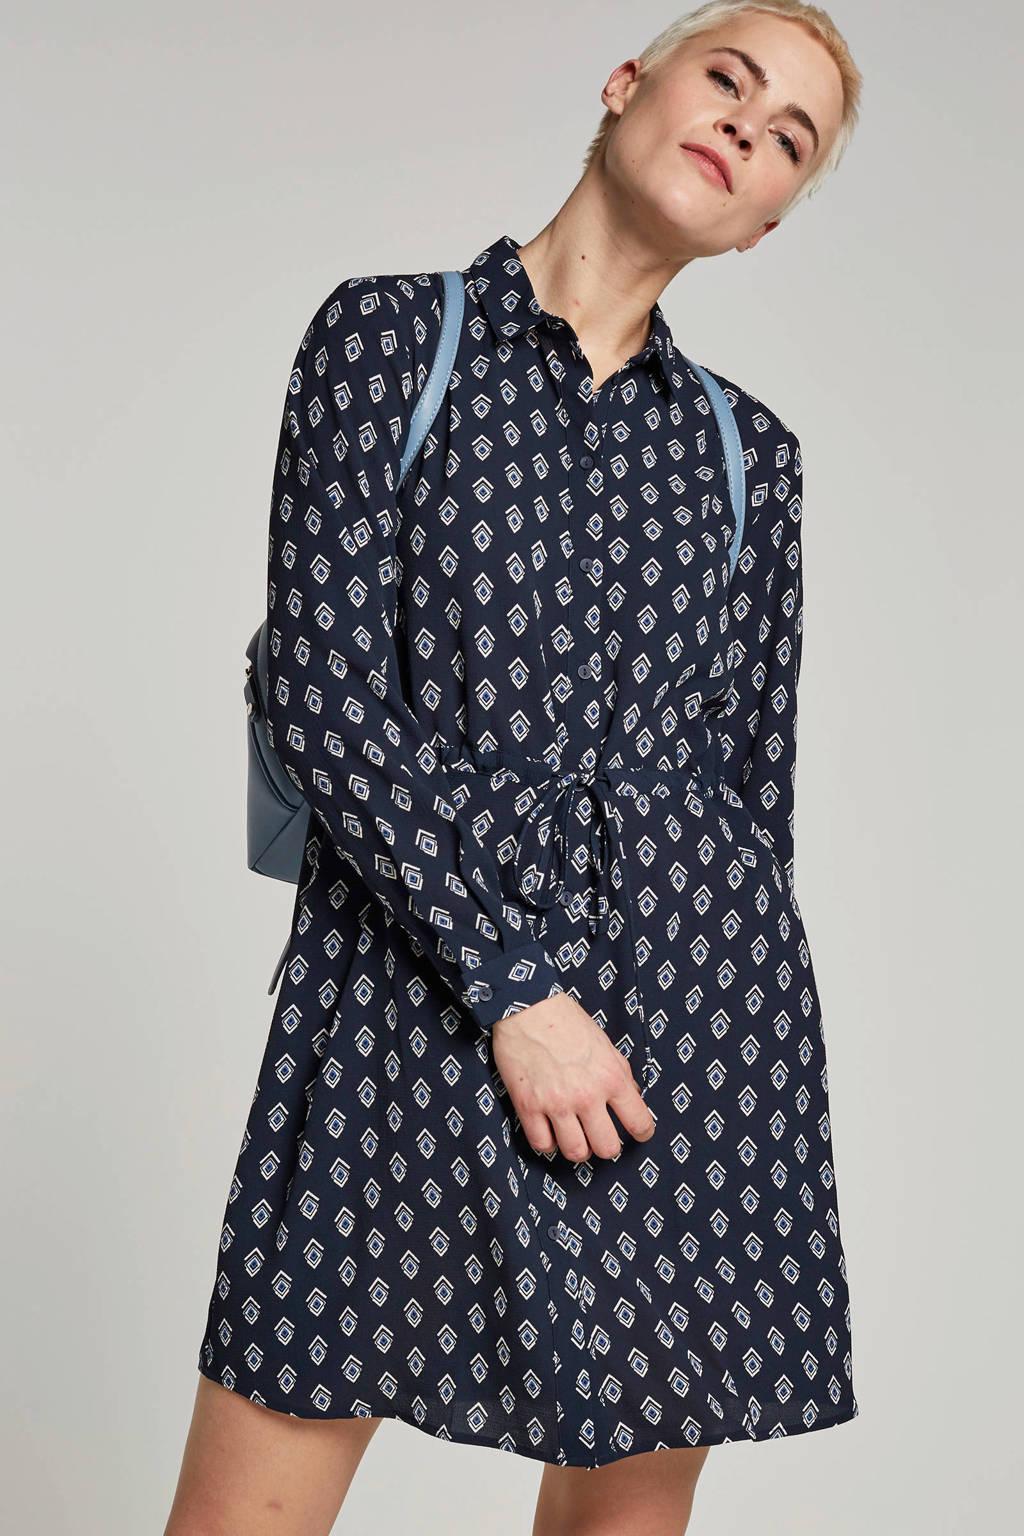 JACQUELINE DE YONG blousejurk met geometrische print, Donkerblauw/wit